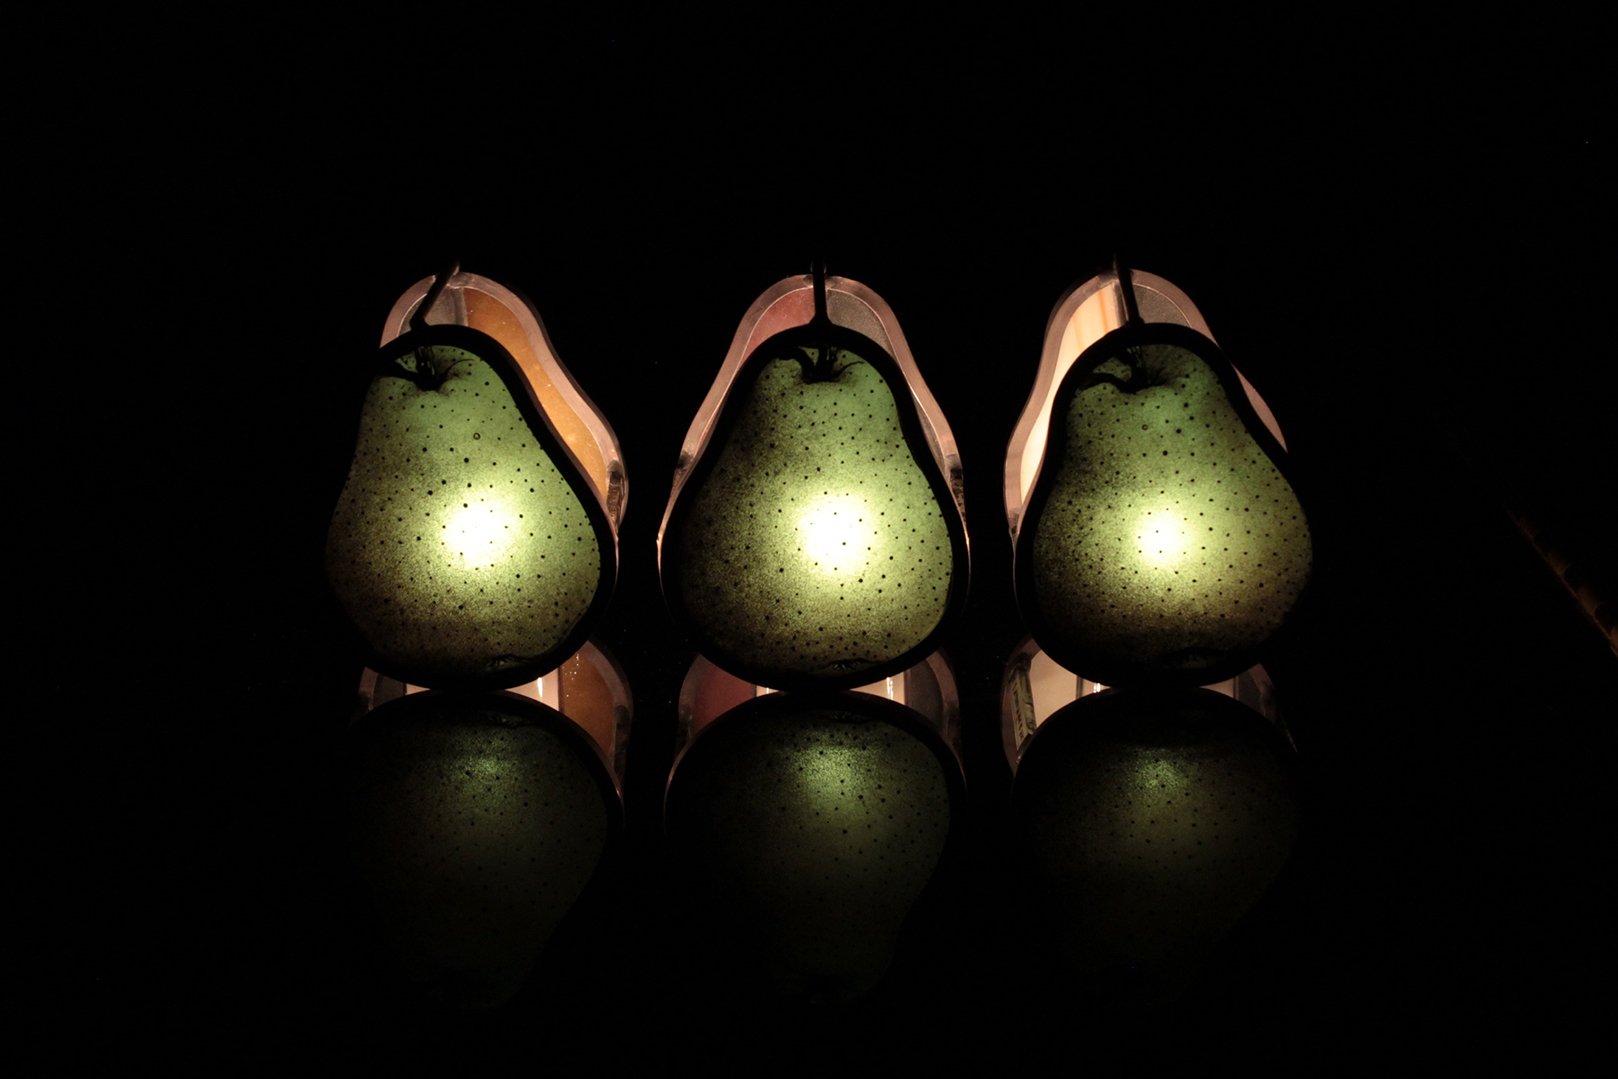 洋梨の形をした3つの小品 01